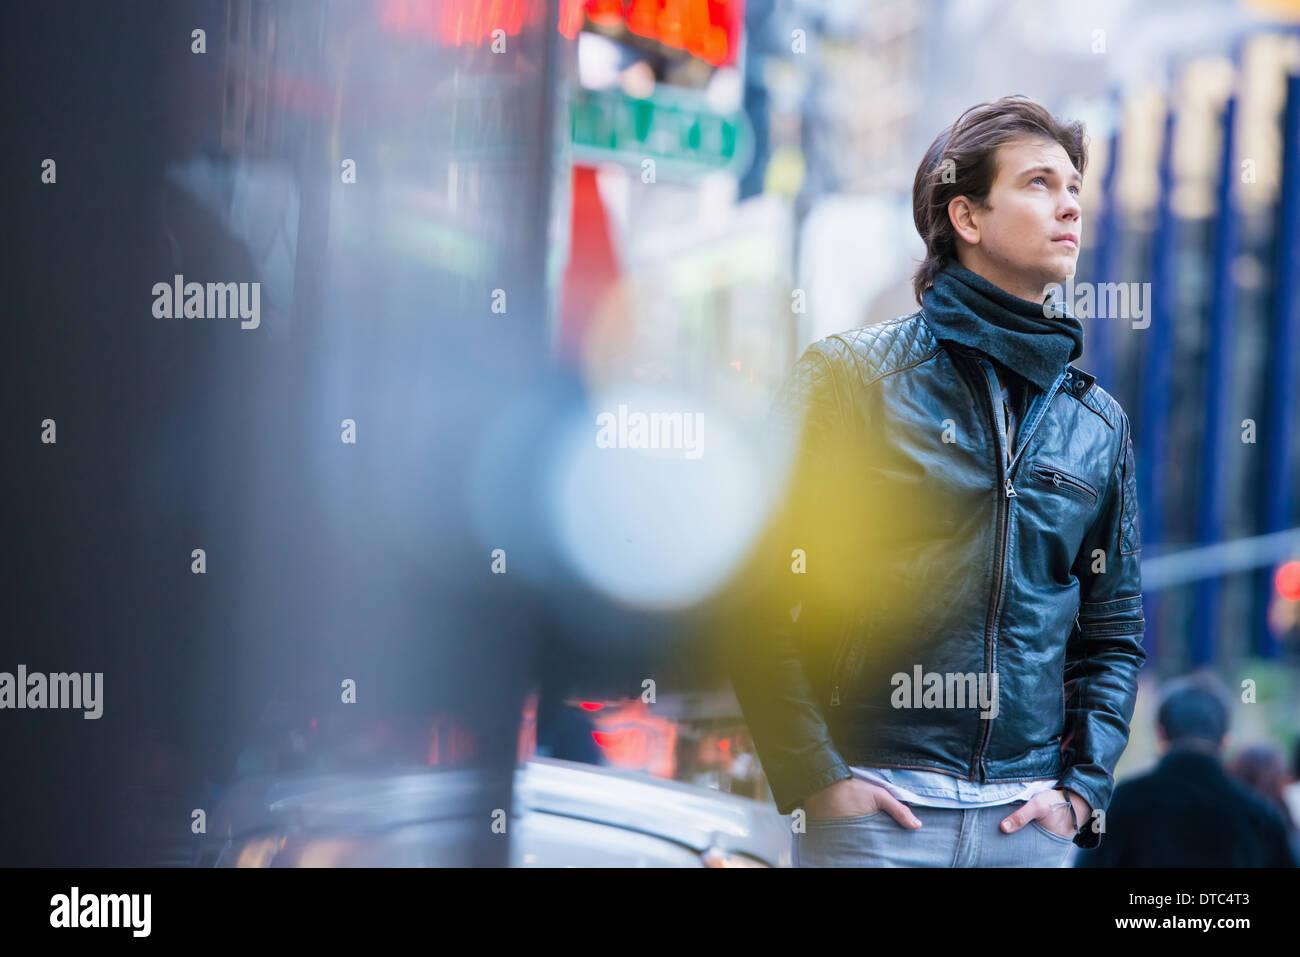 Junge männliche Touristen erkunden Sie Straßen, New York City, USA Stockbild